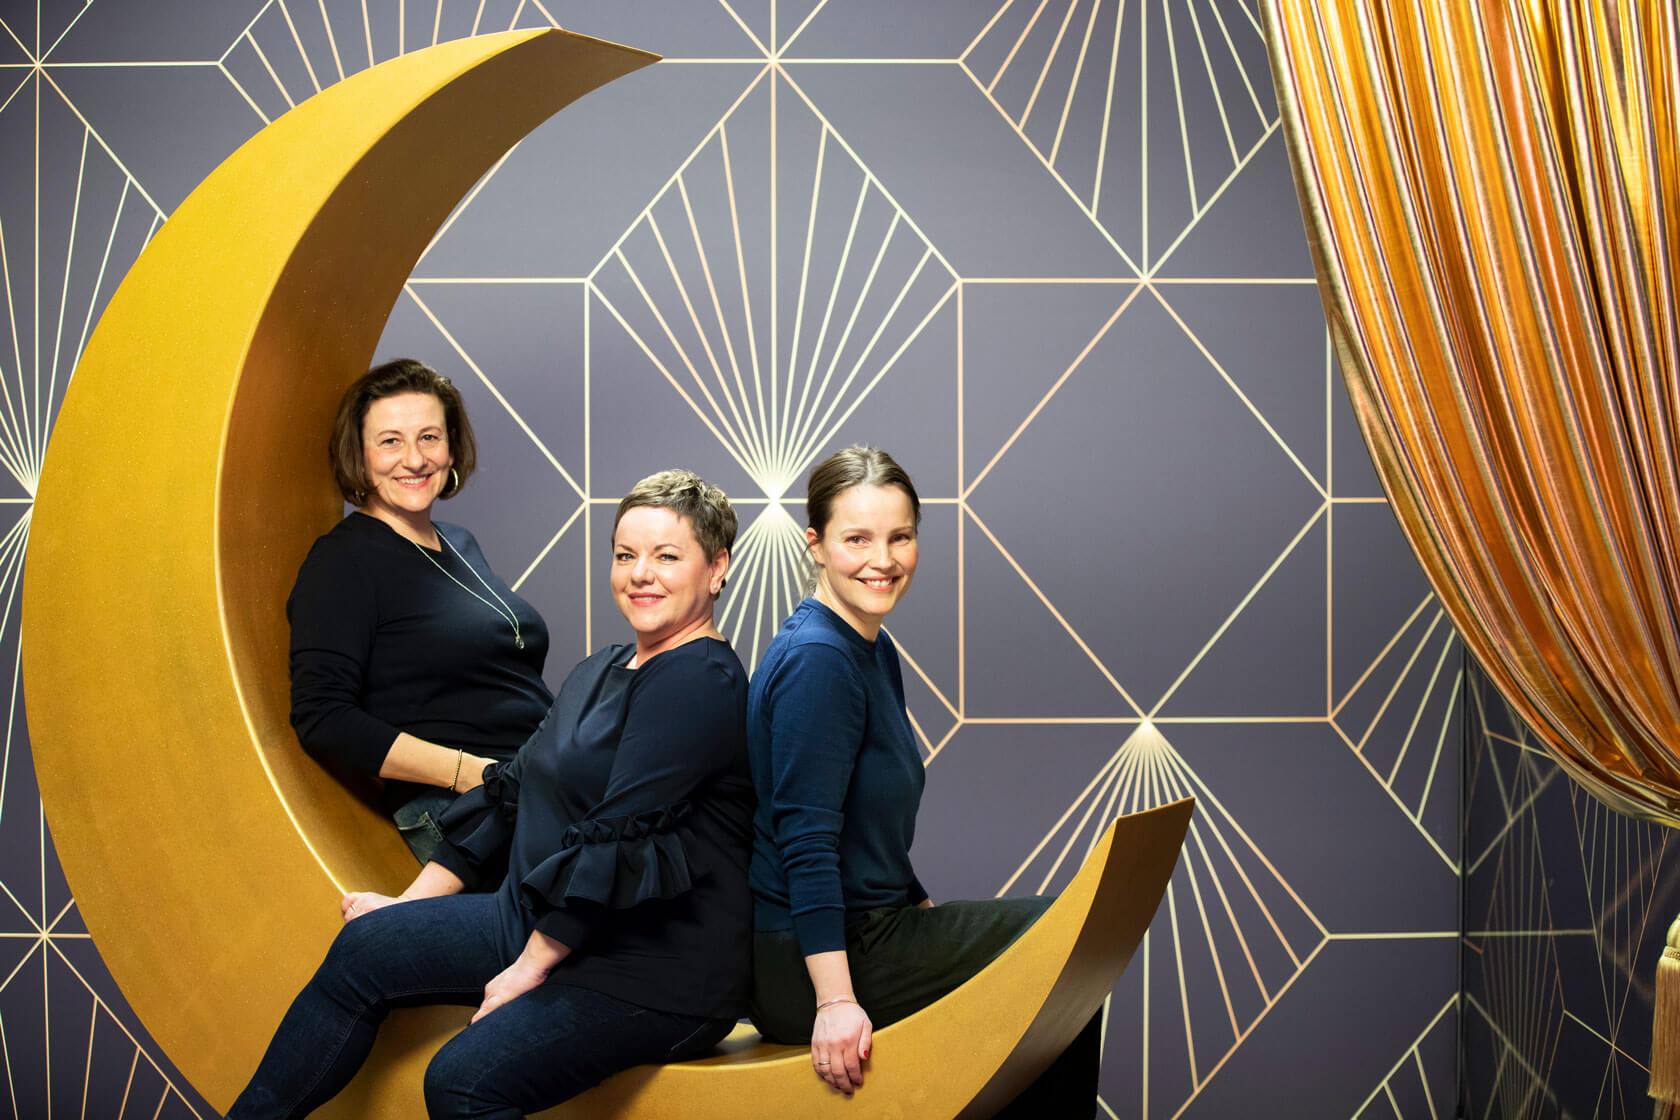 Drei Kolleginnen von Schröder+Schömbs PR posieren für ein Foto in einer Kulisse auf einem gelben Halbmond.